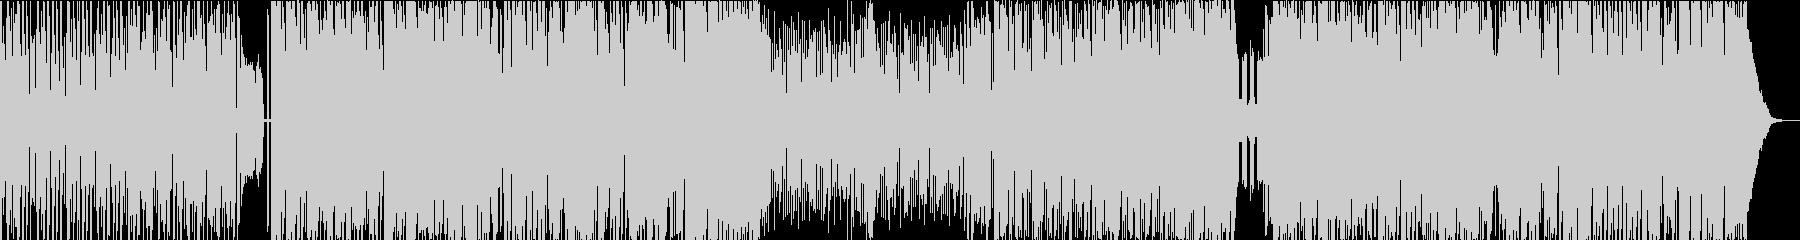 民族音楽風のトランスBGMの未再生の波形